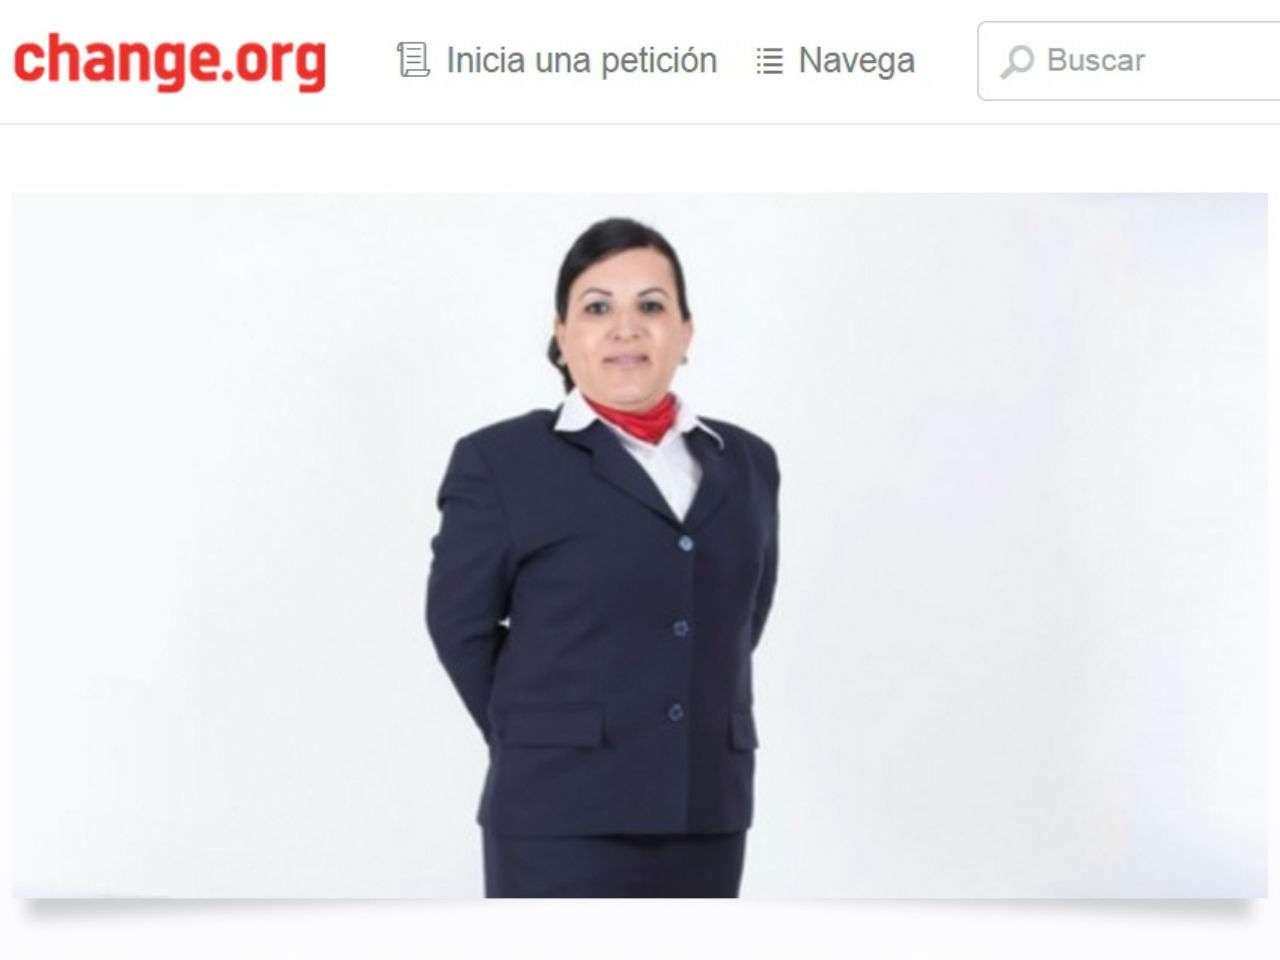 Lorena pide que las empresas respeten las leyes a favor de la igualdad y el respeto de todas las personas. Foto: Change.org